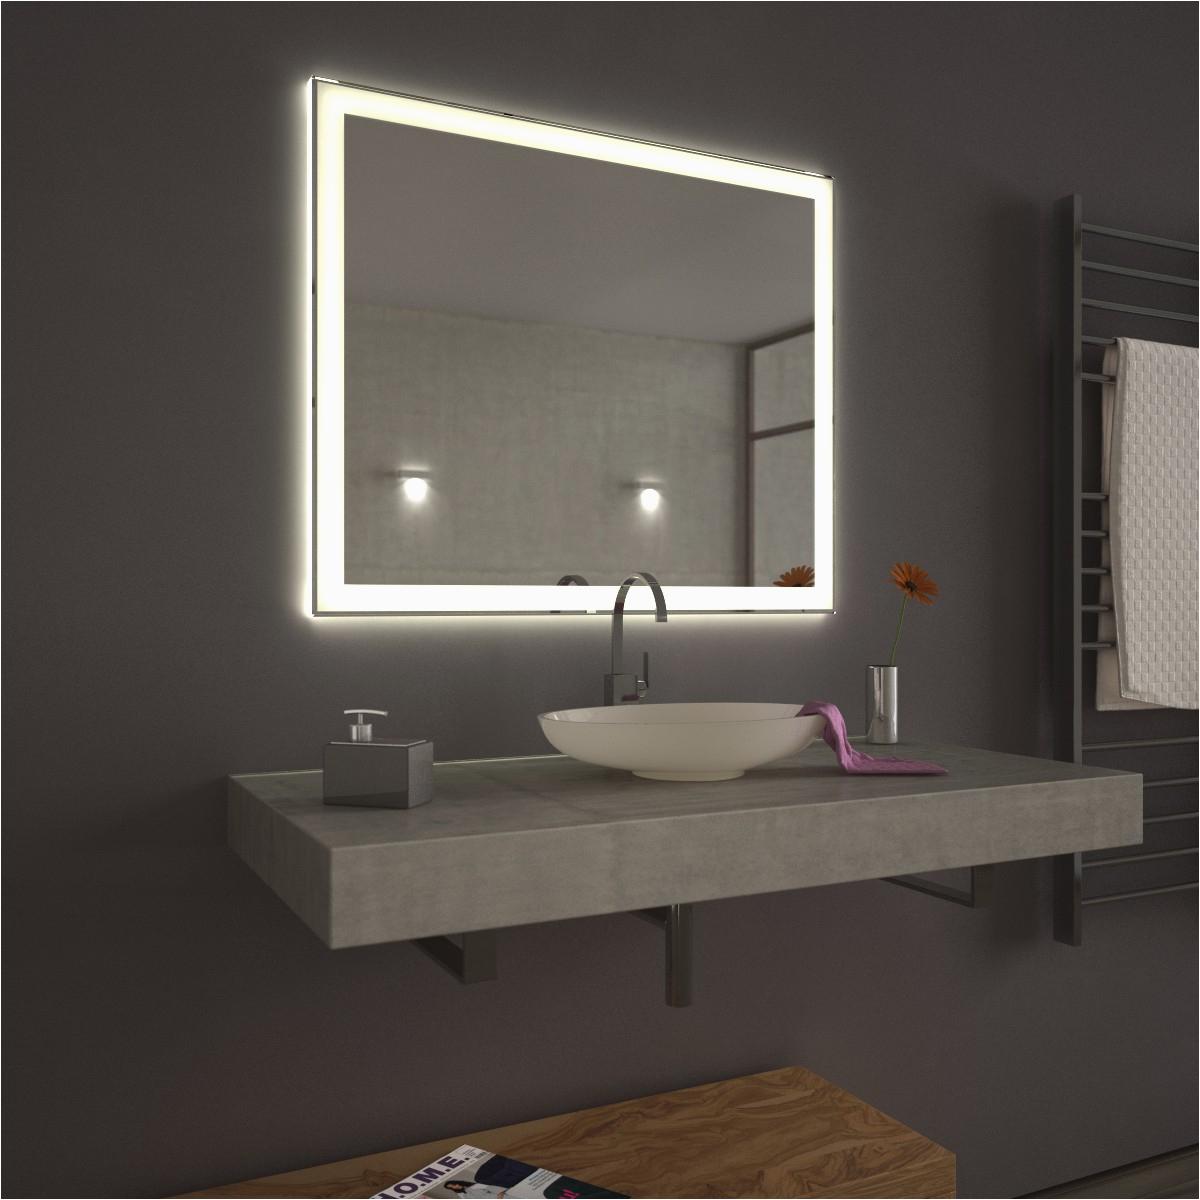 Günstige Schlafzimmer Lampen Badezimmer Lampe über Spiegel